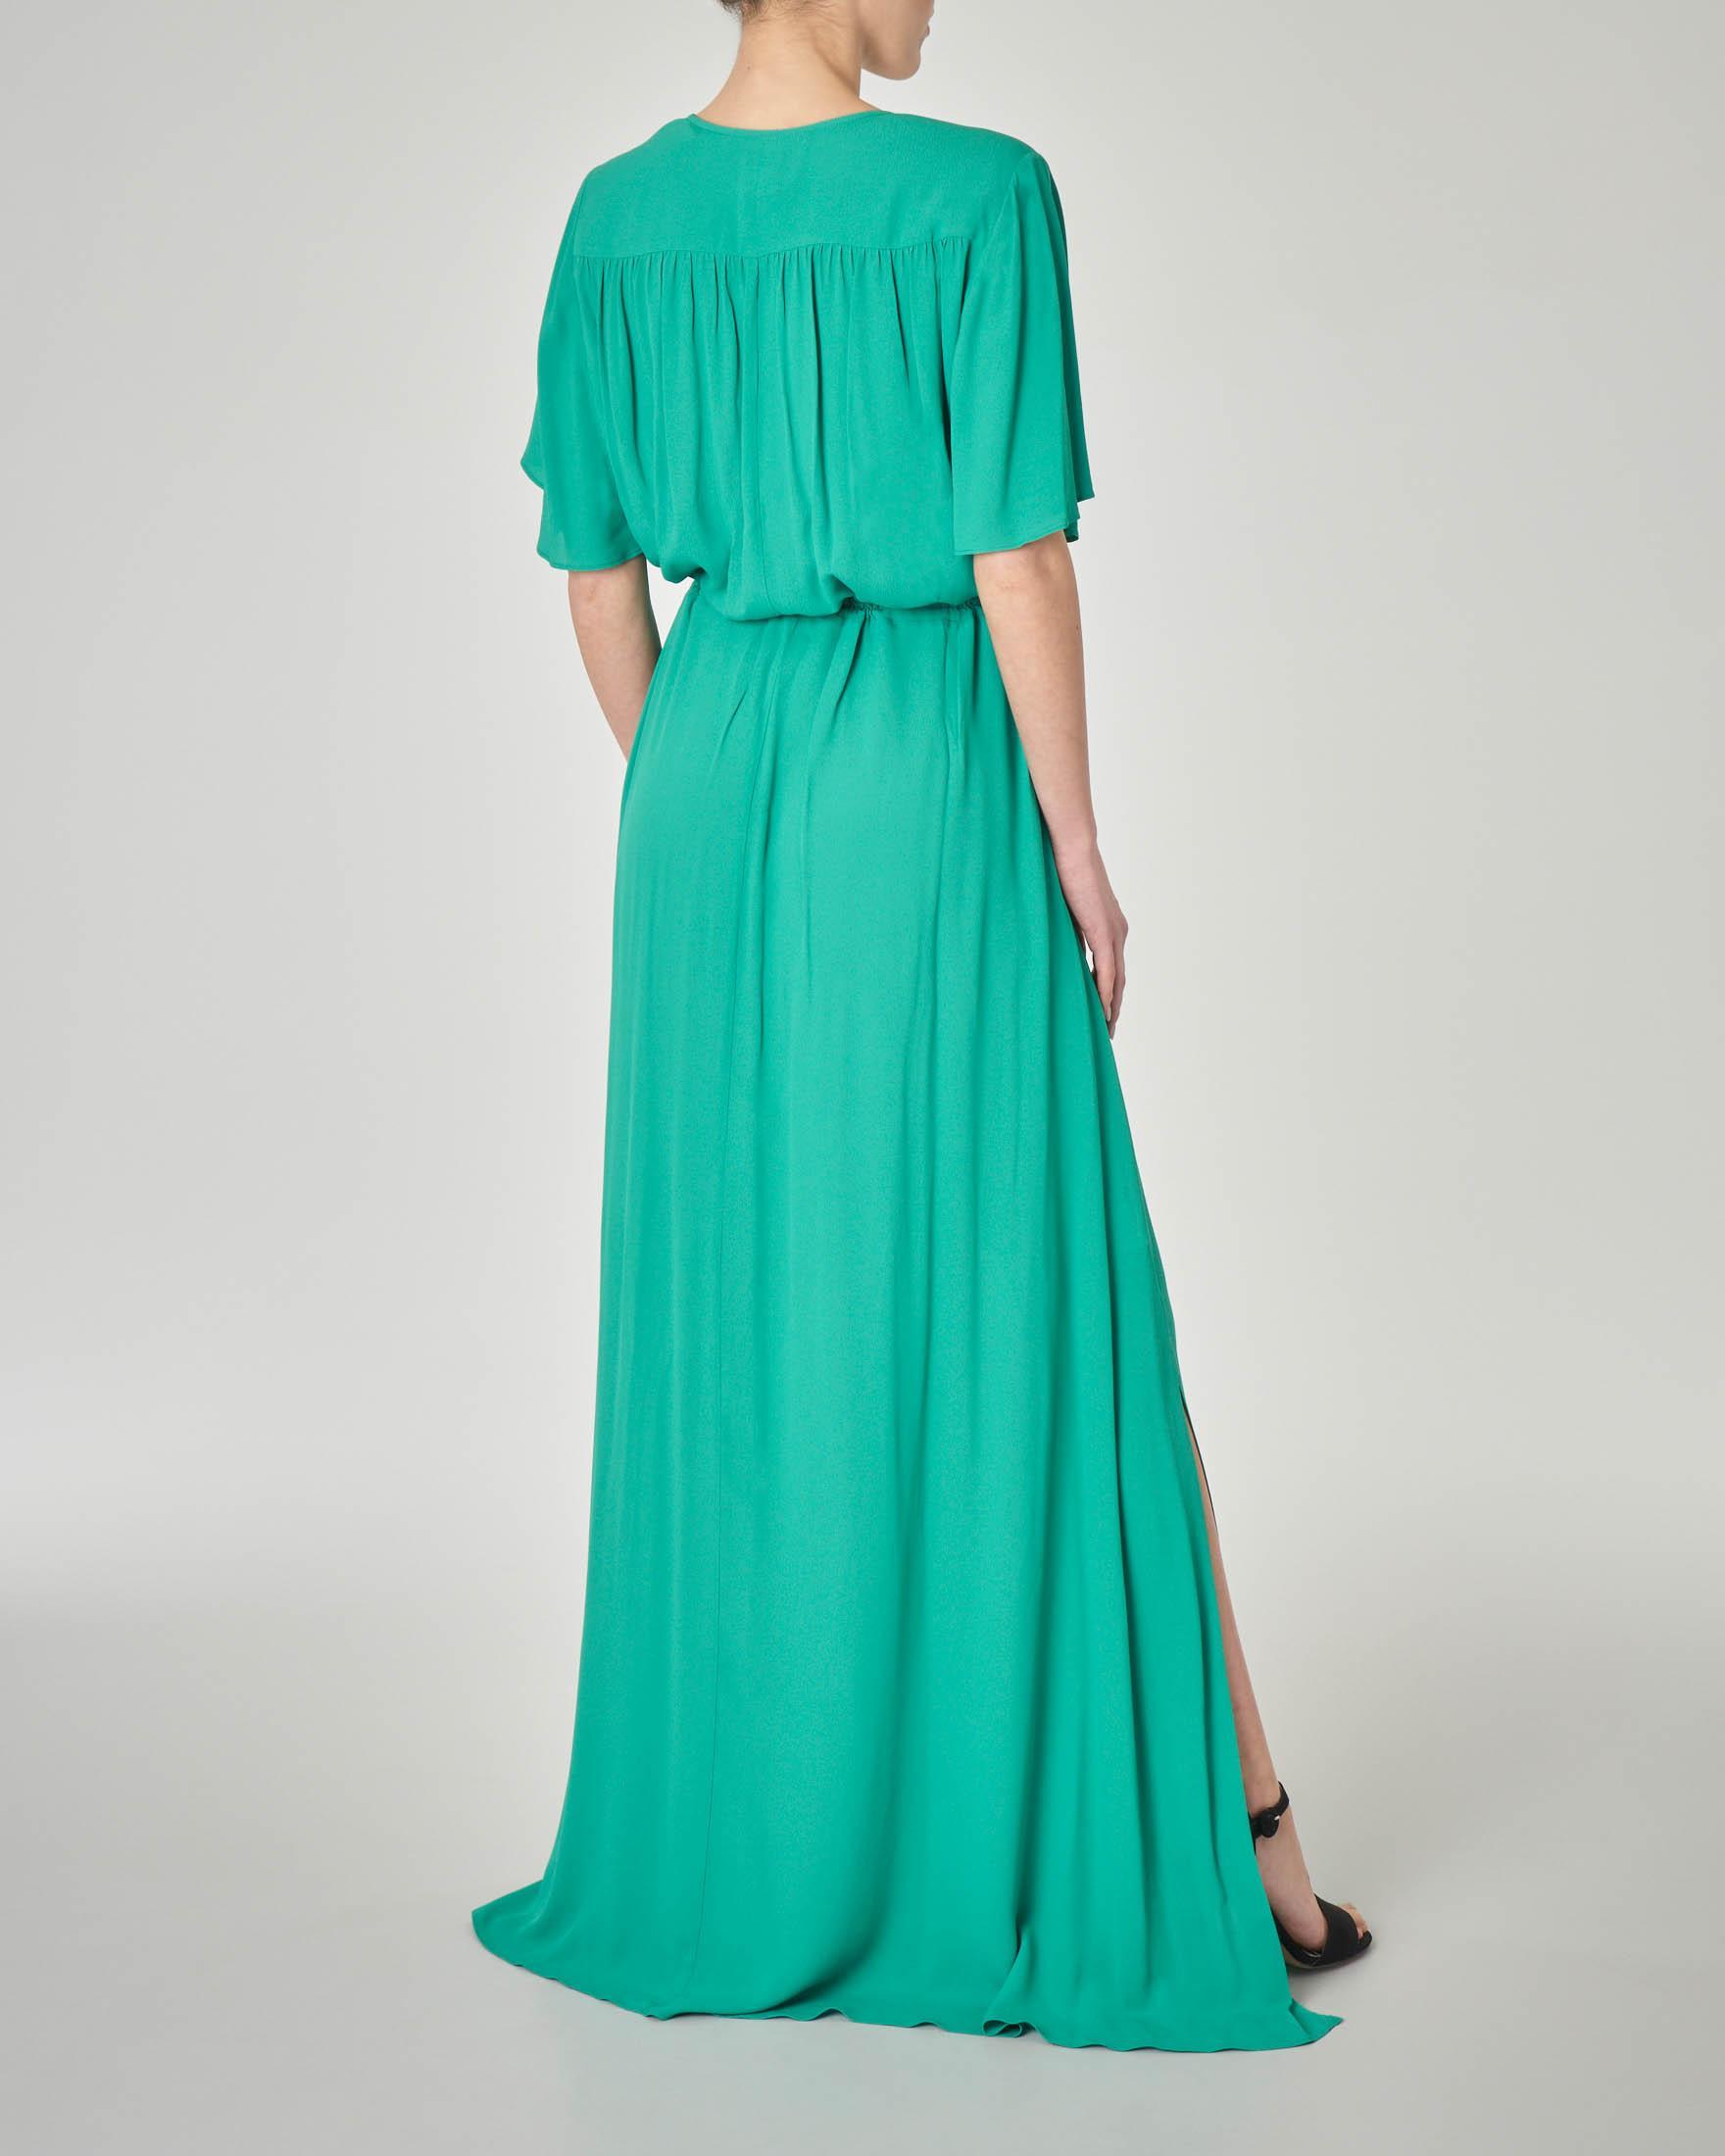 Abito lungo in viscosa verde brillante con cintura in vita e scollo a V